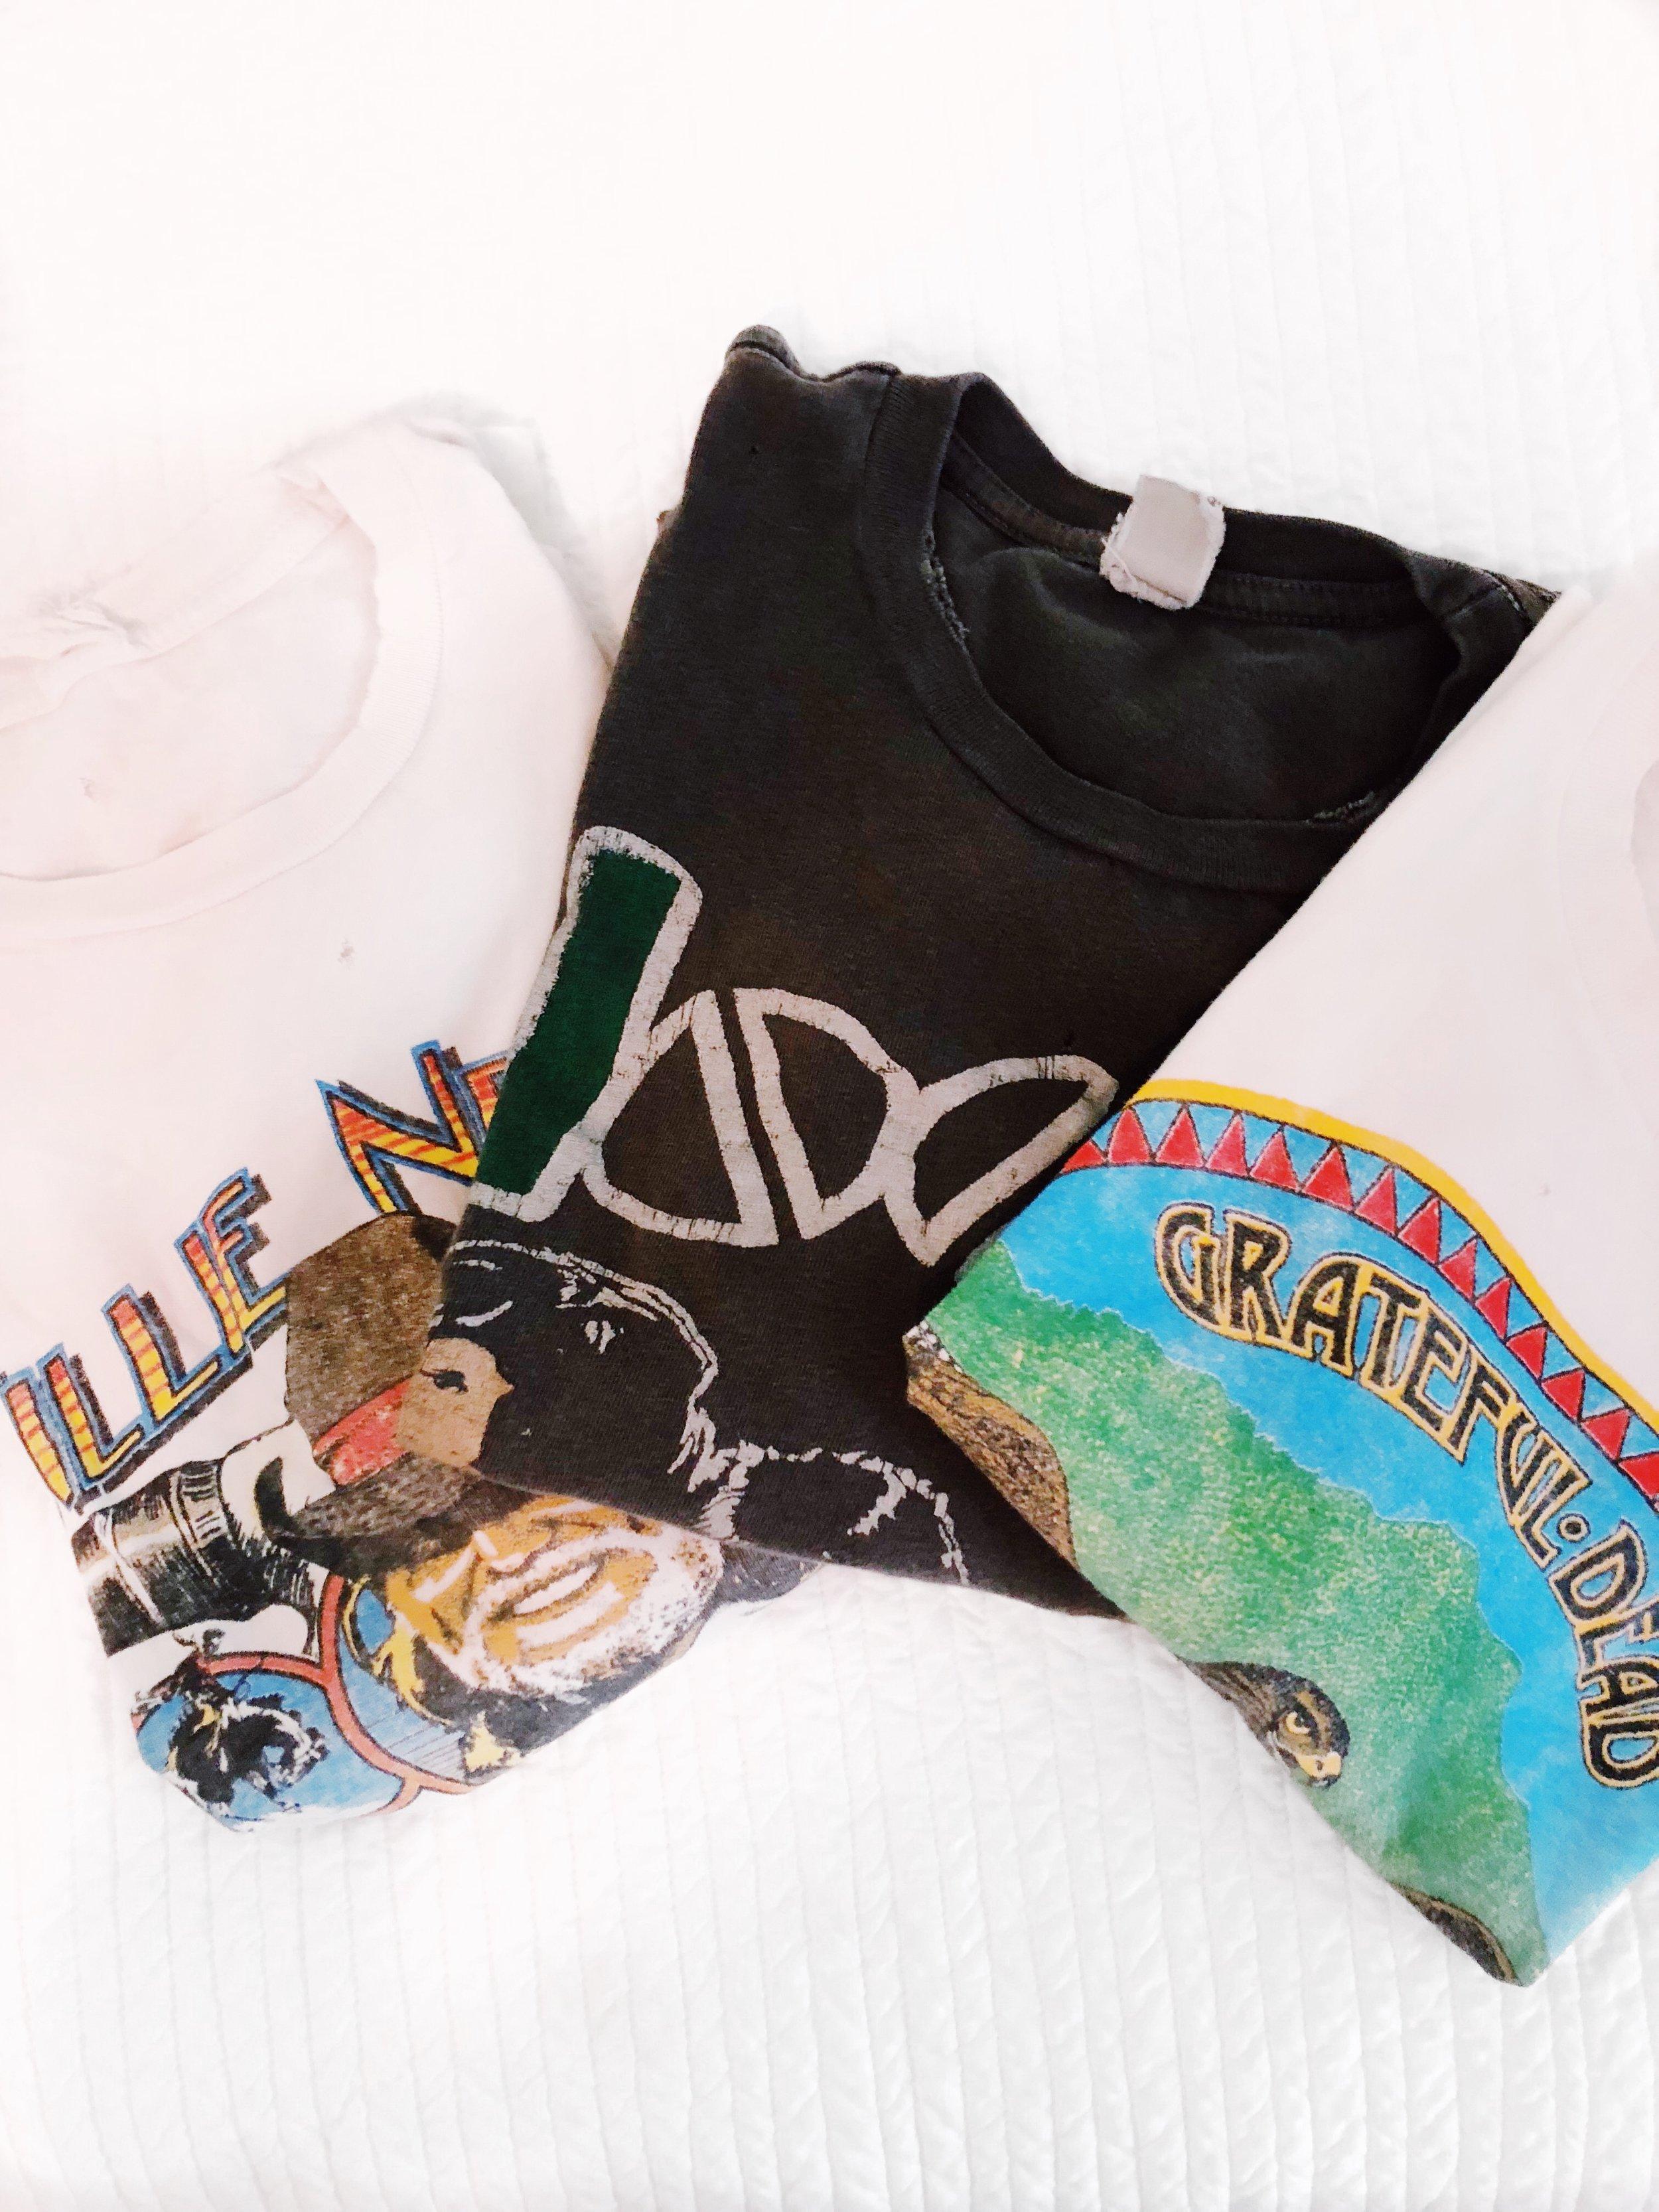 vintage band tees, Grateful Dead